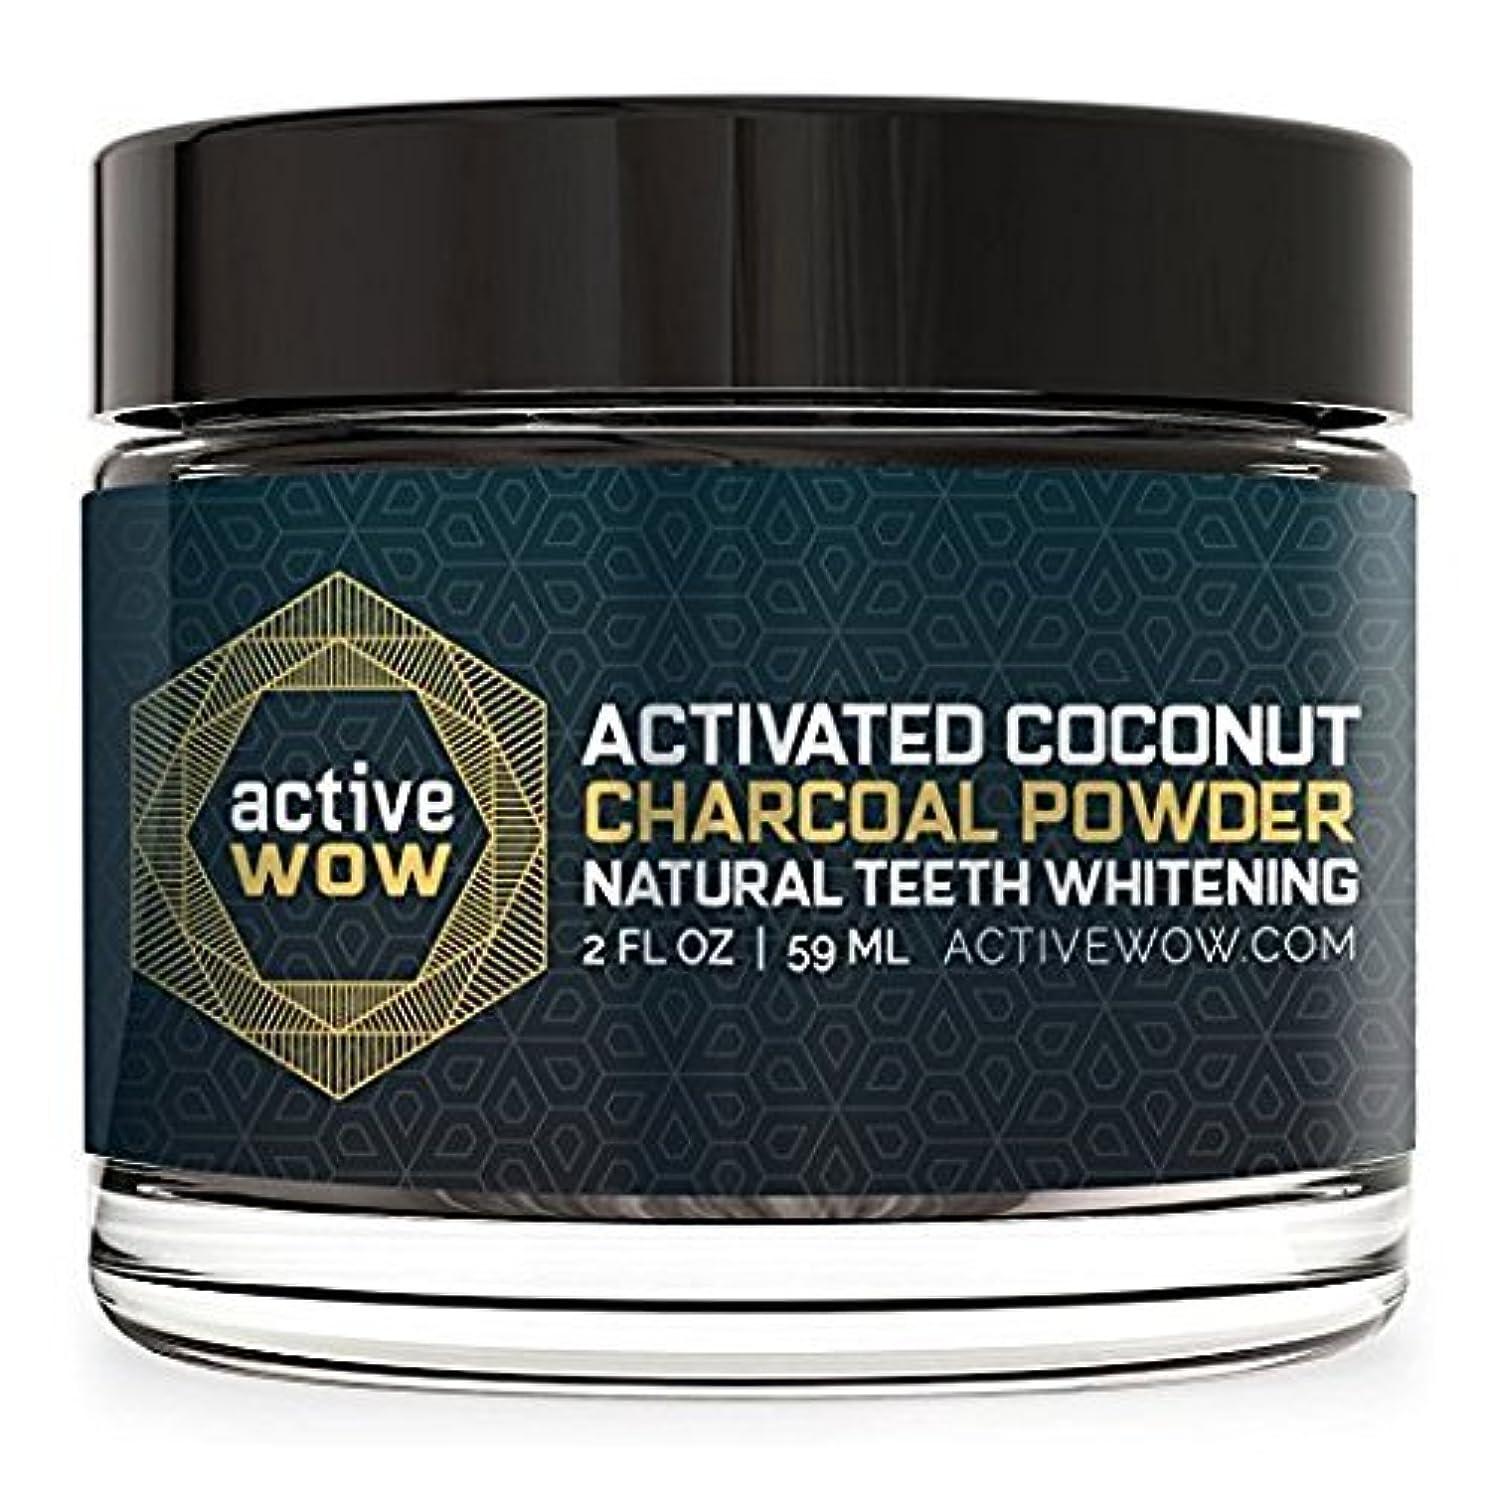 くしゃみ指散らすアメリカで売れている 炭パウダー歯のホワイトニング Teeth Whitening Charcoal Powder Natural [並行輸入品]